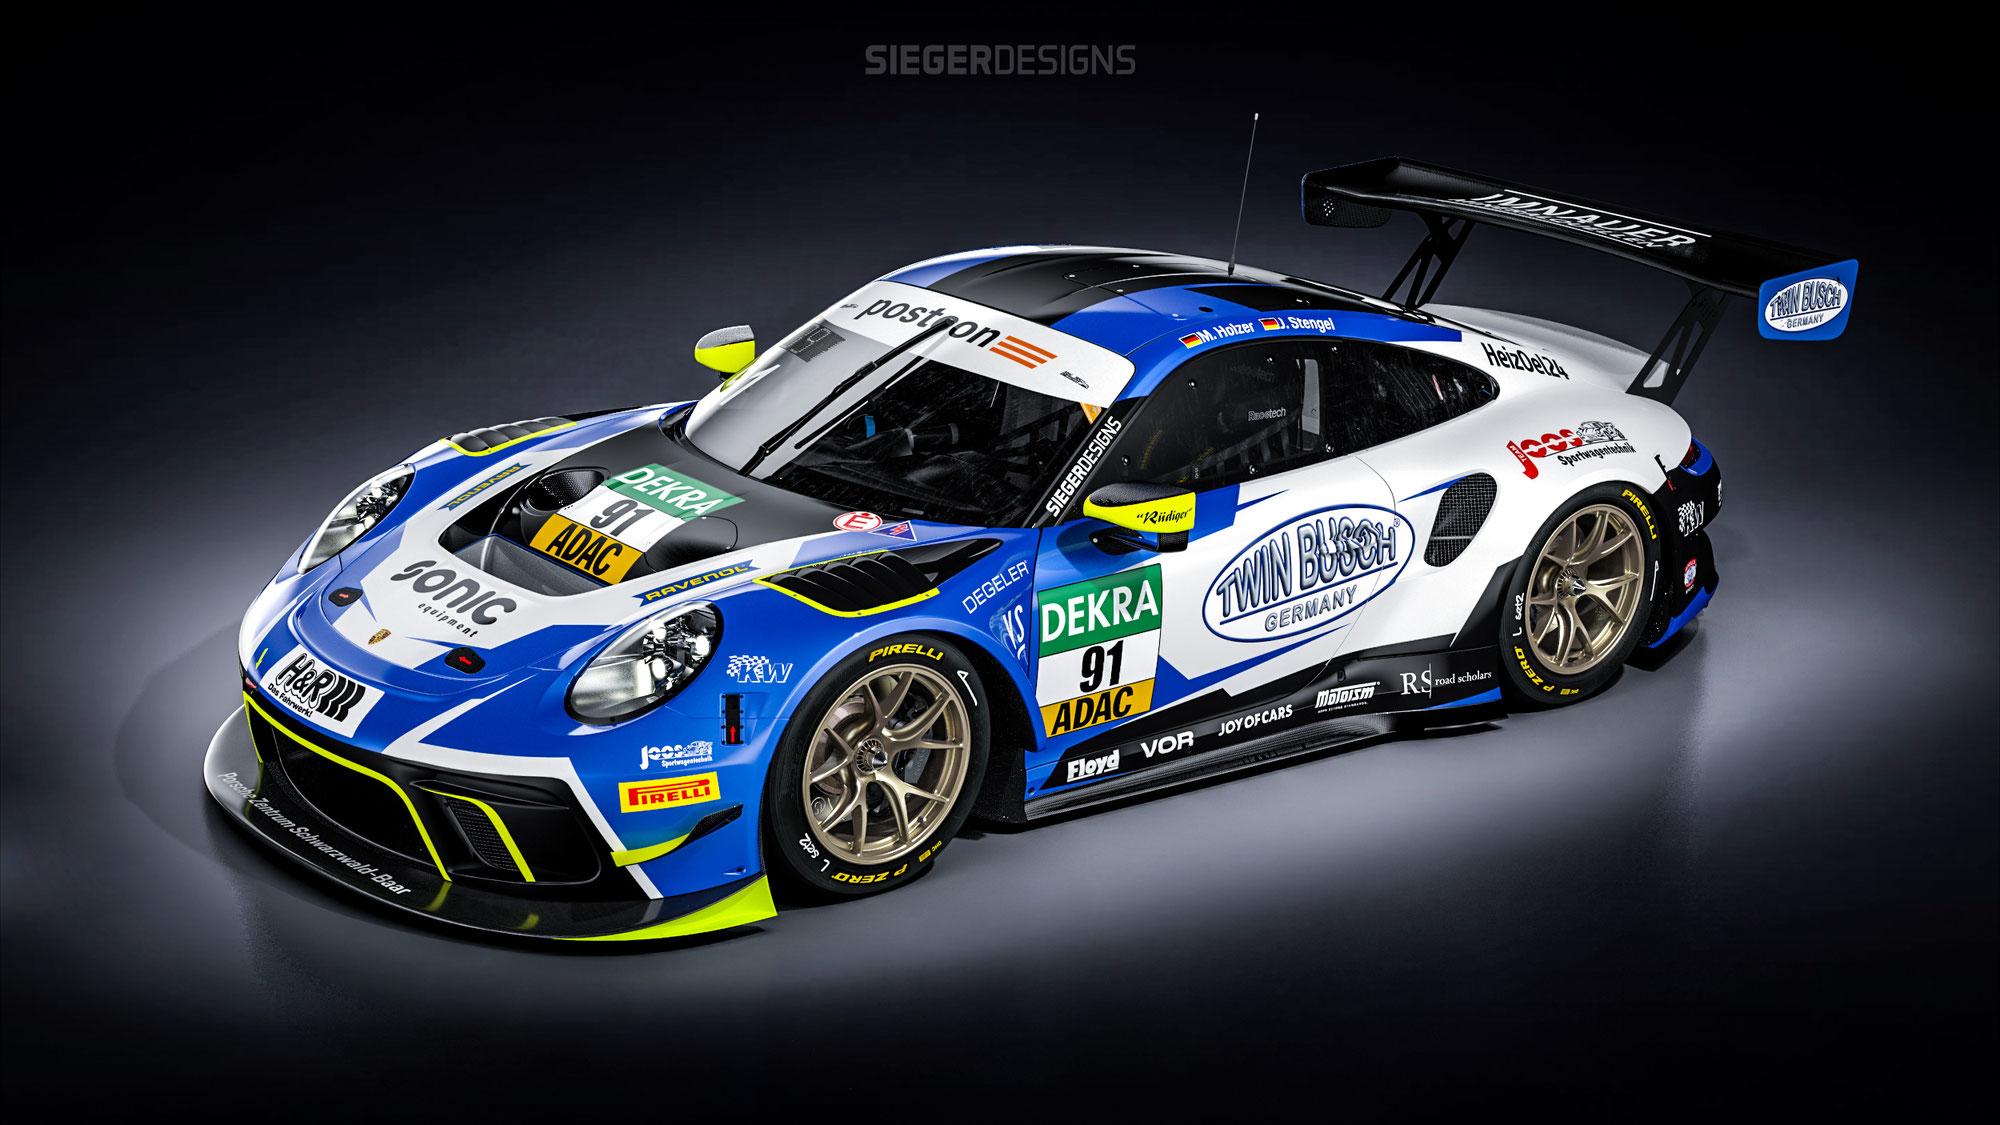 Team Joos Sportwagentechnik startklar für Premierensaison im ADAC GT Masters